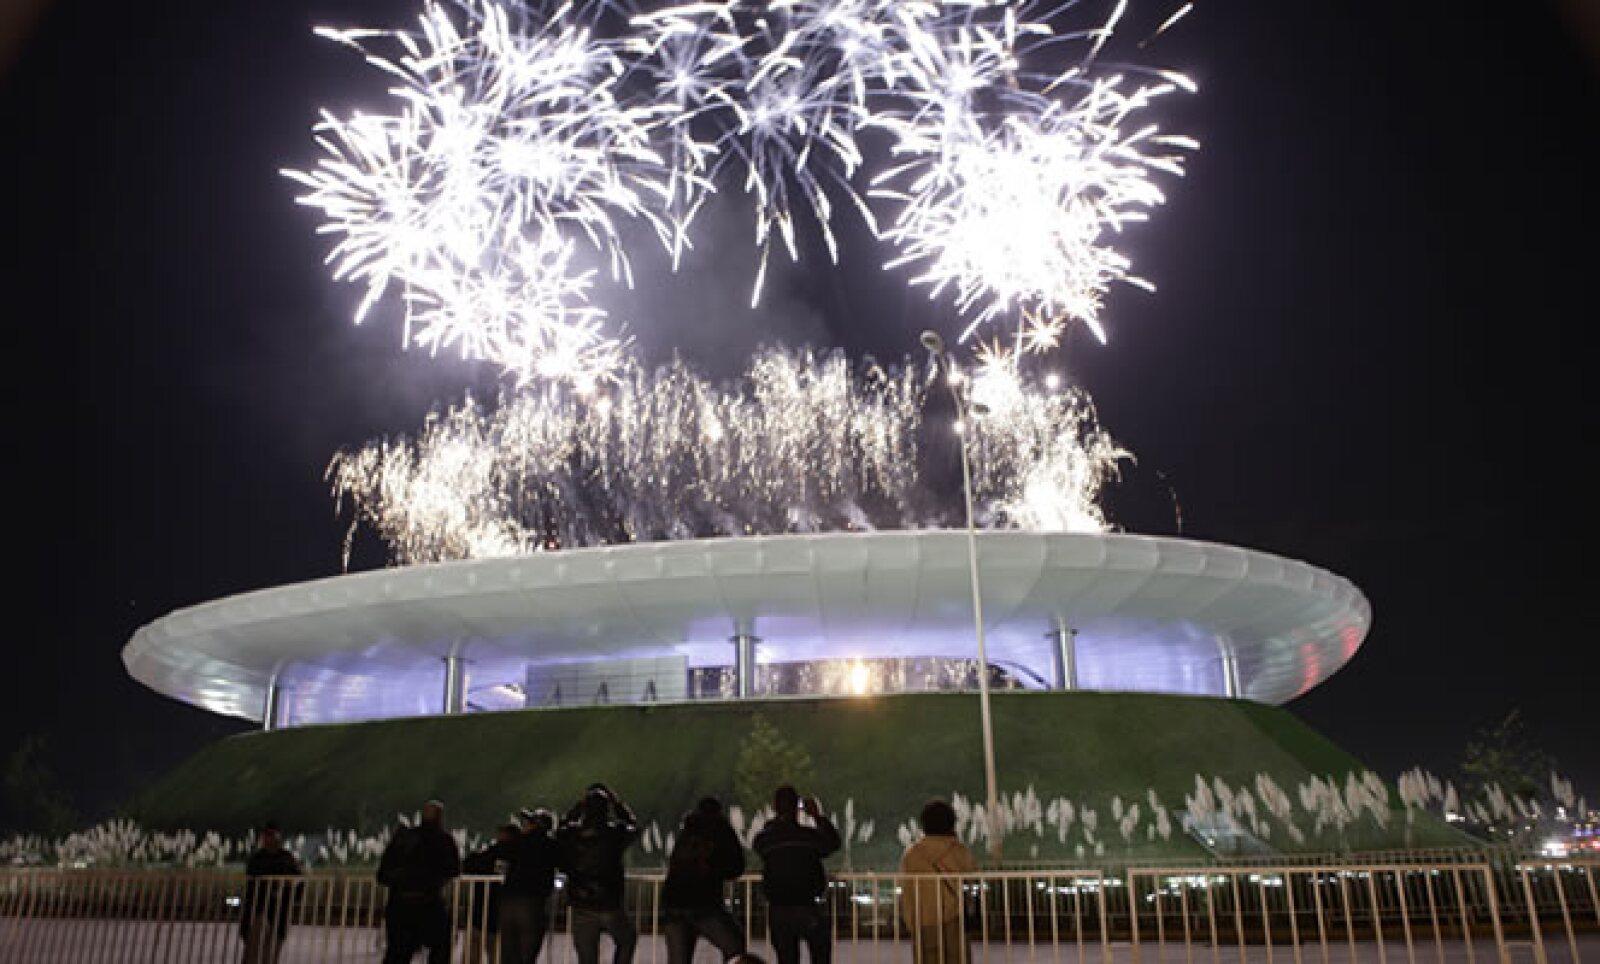 En varias partes de la ceremonia el cielo de Guadalajara fue iluminado por los fuegos artificiales, y las gradas del estadio donde juega Chivas se vieron teñidas de distintos colores.